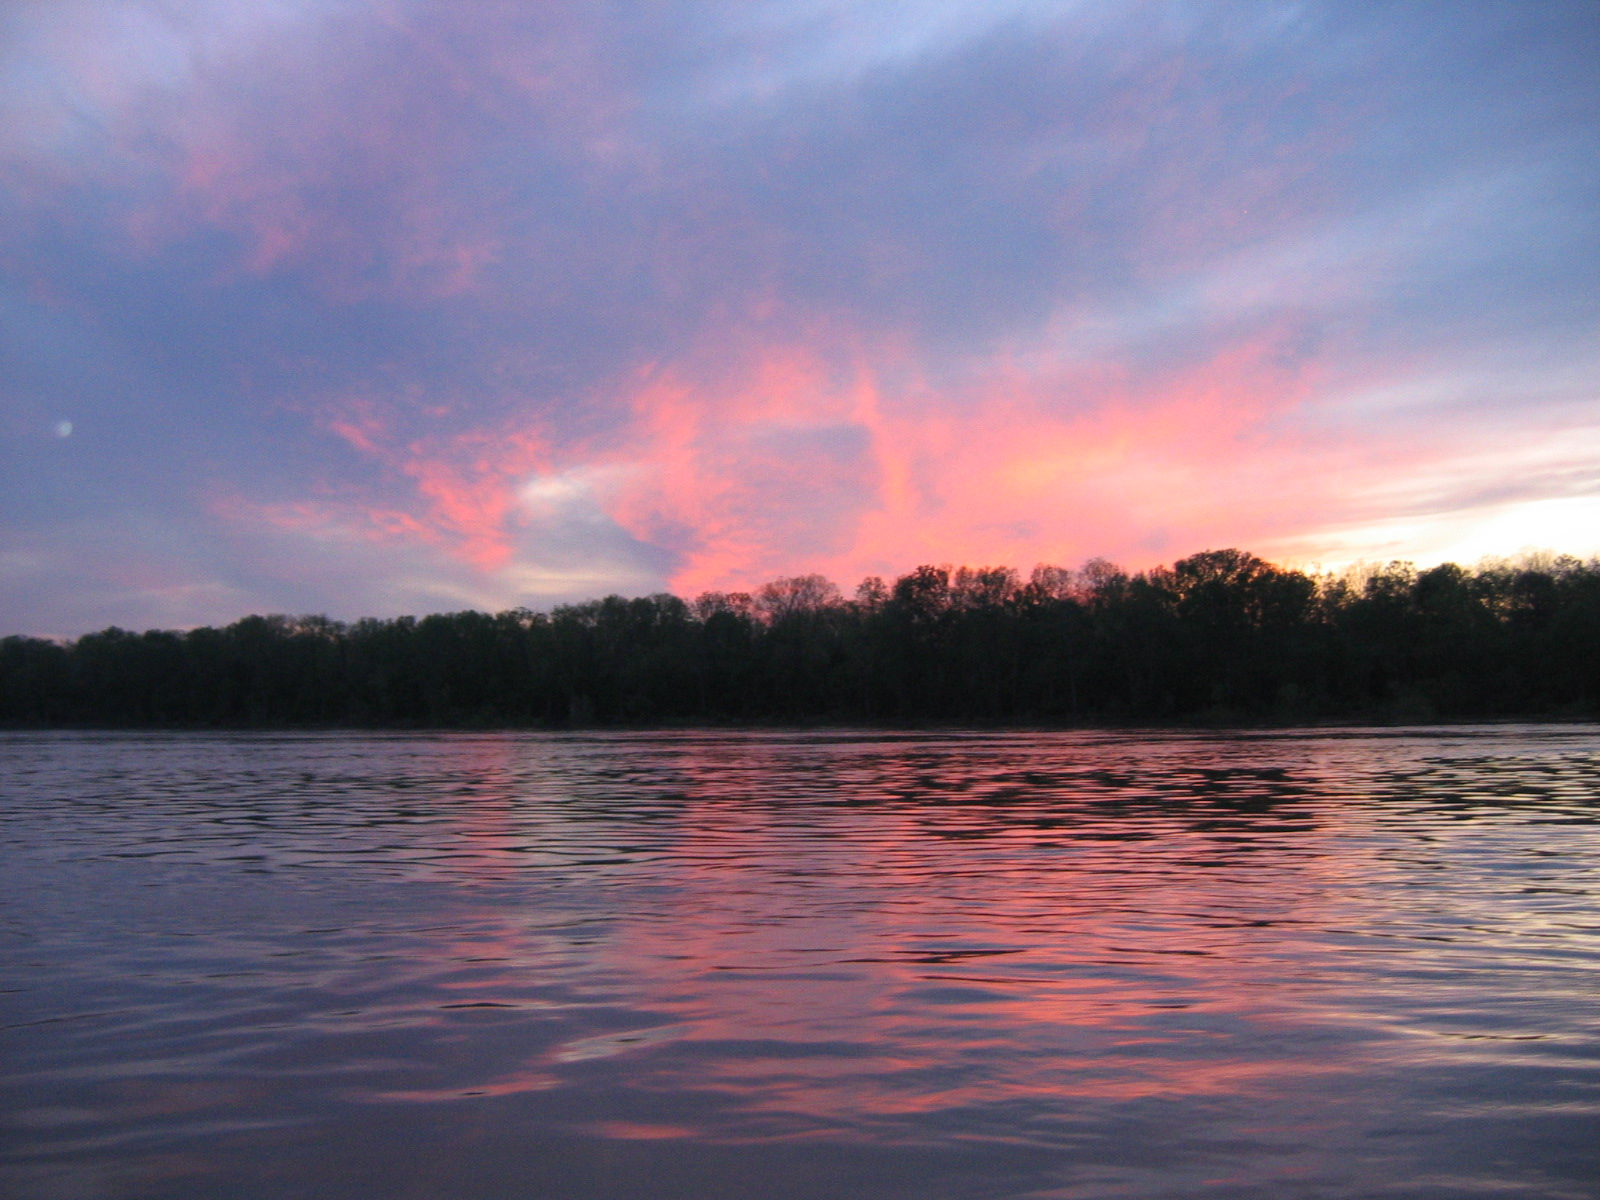 der Himmel färbt sich